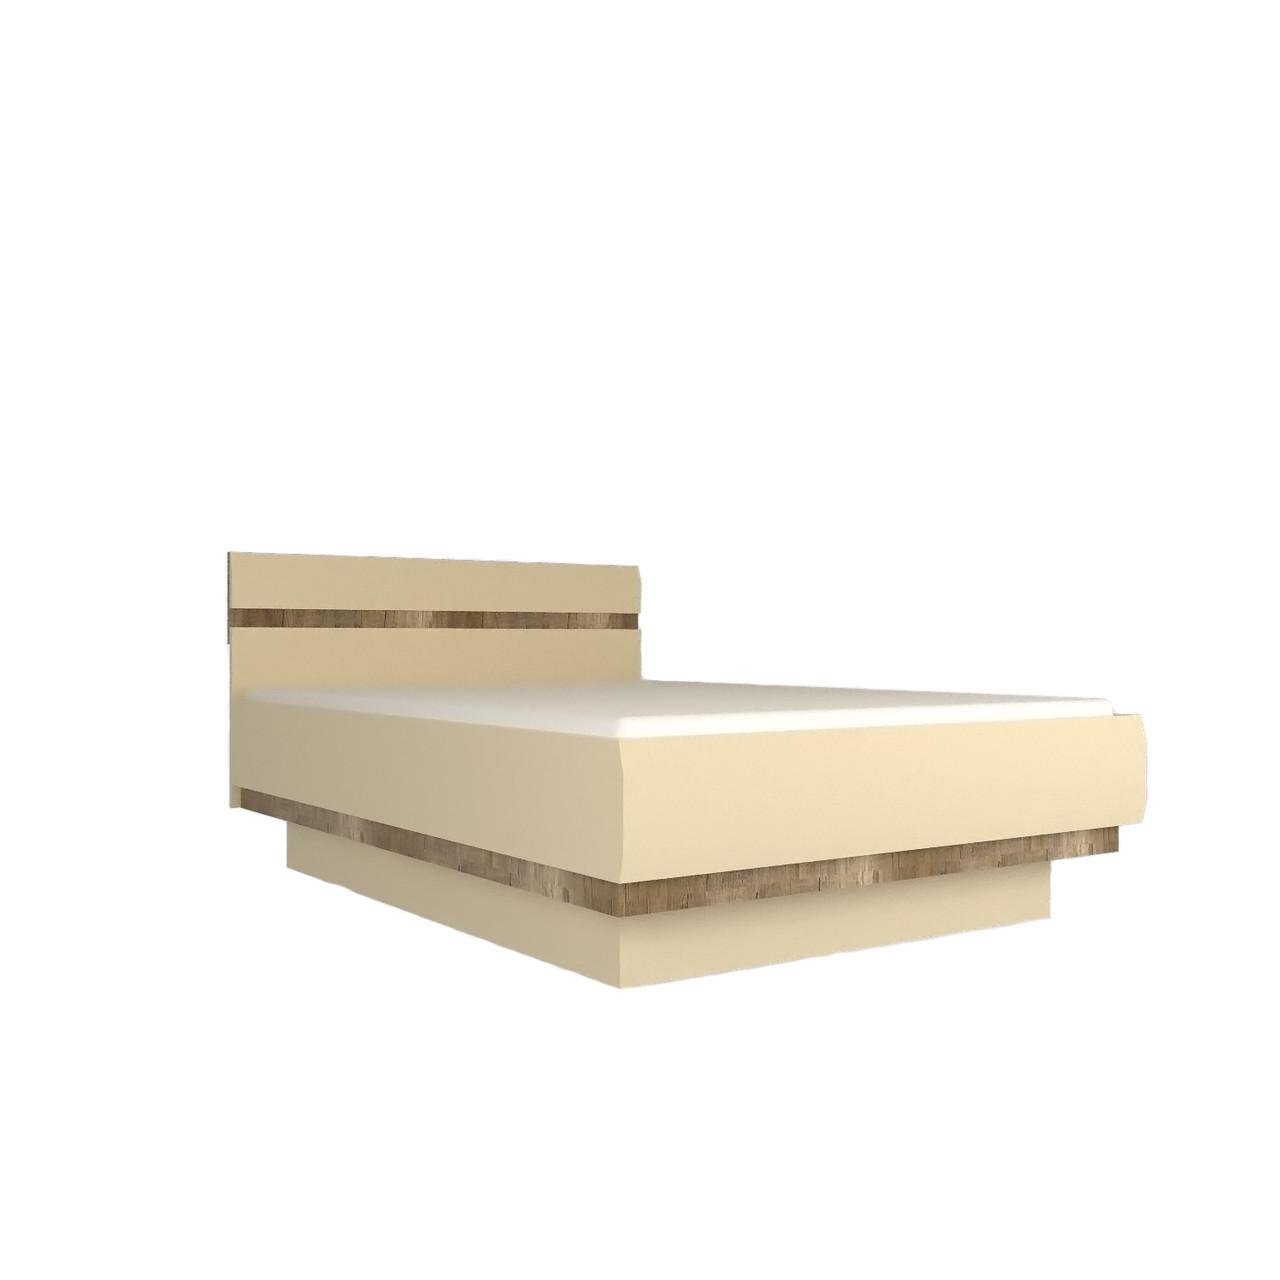 Ліжко (кровать) в спальню з ДСП/МДФ 160 Letis Z2 Blonski